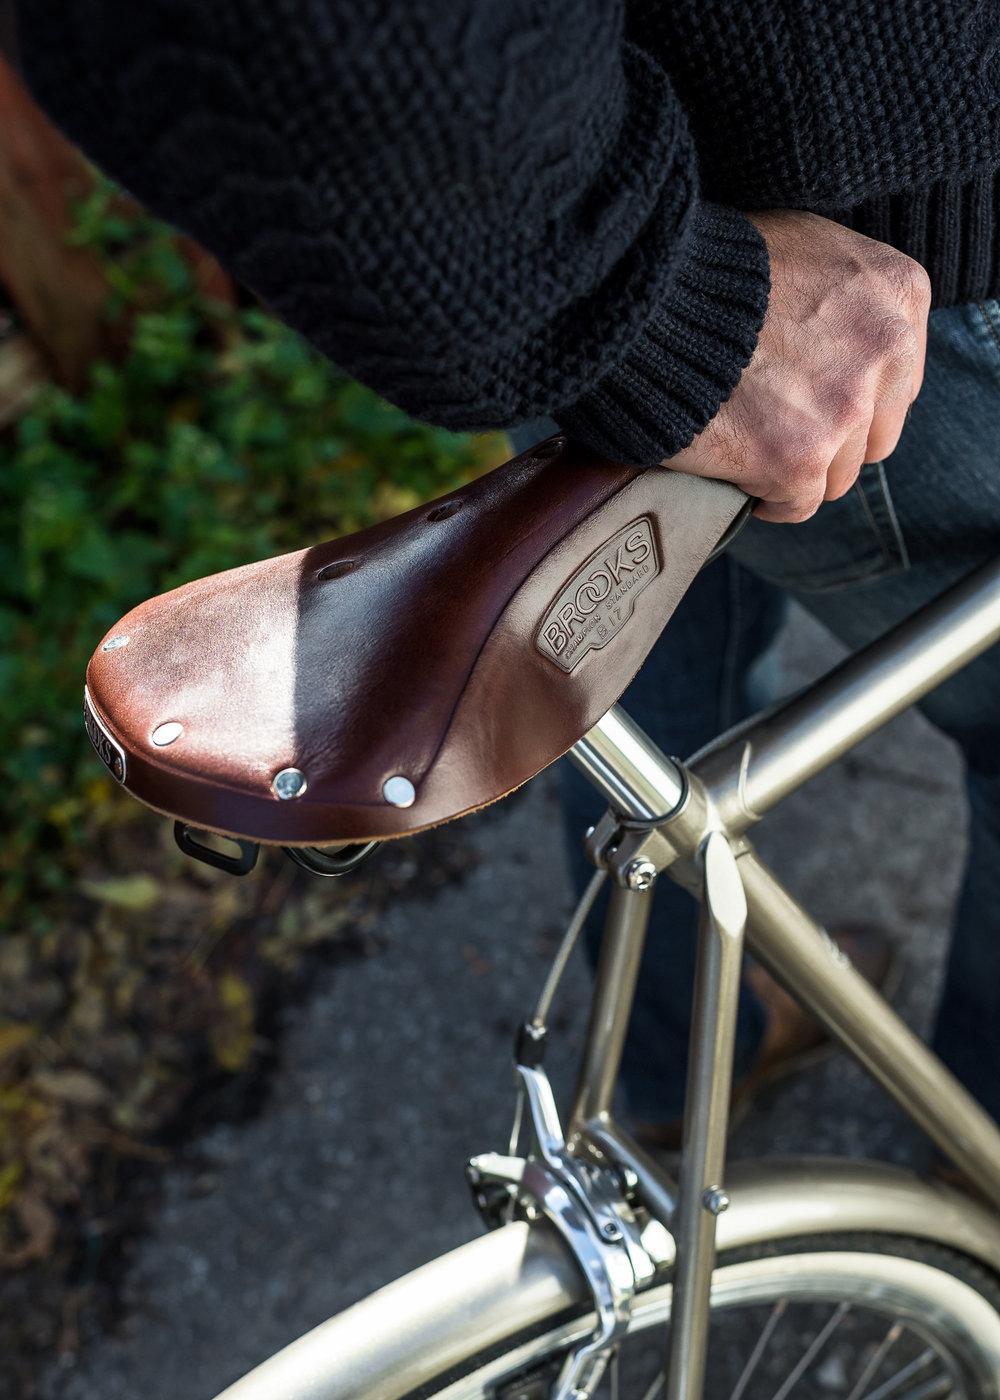 Brooks b17 ladies saddle